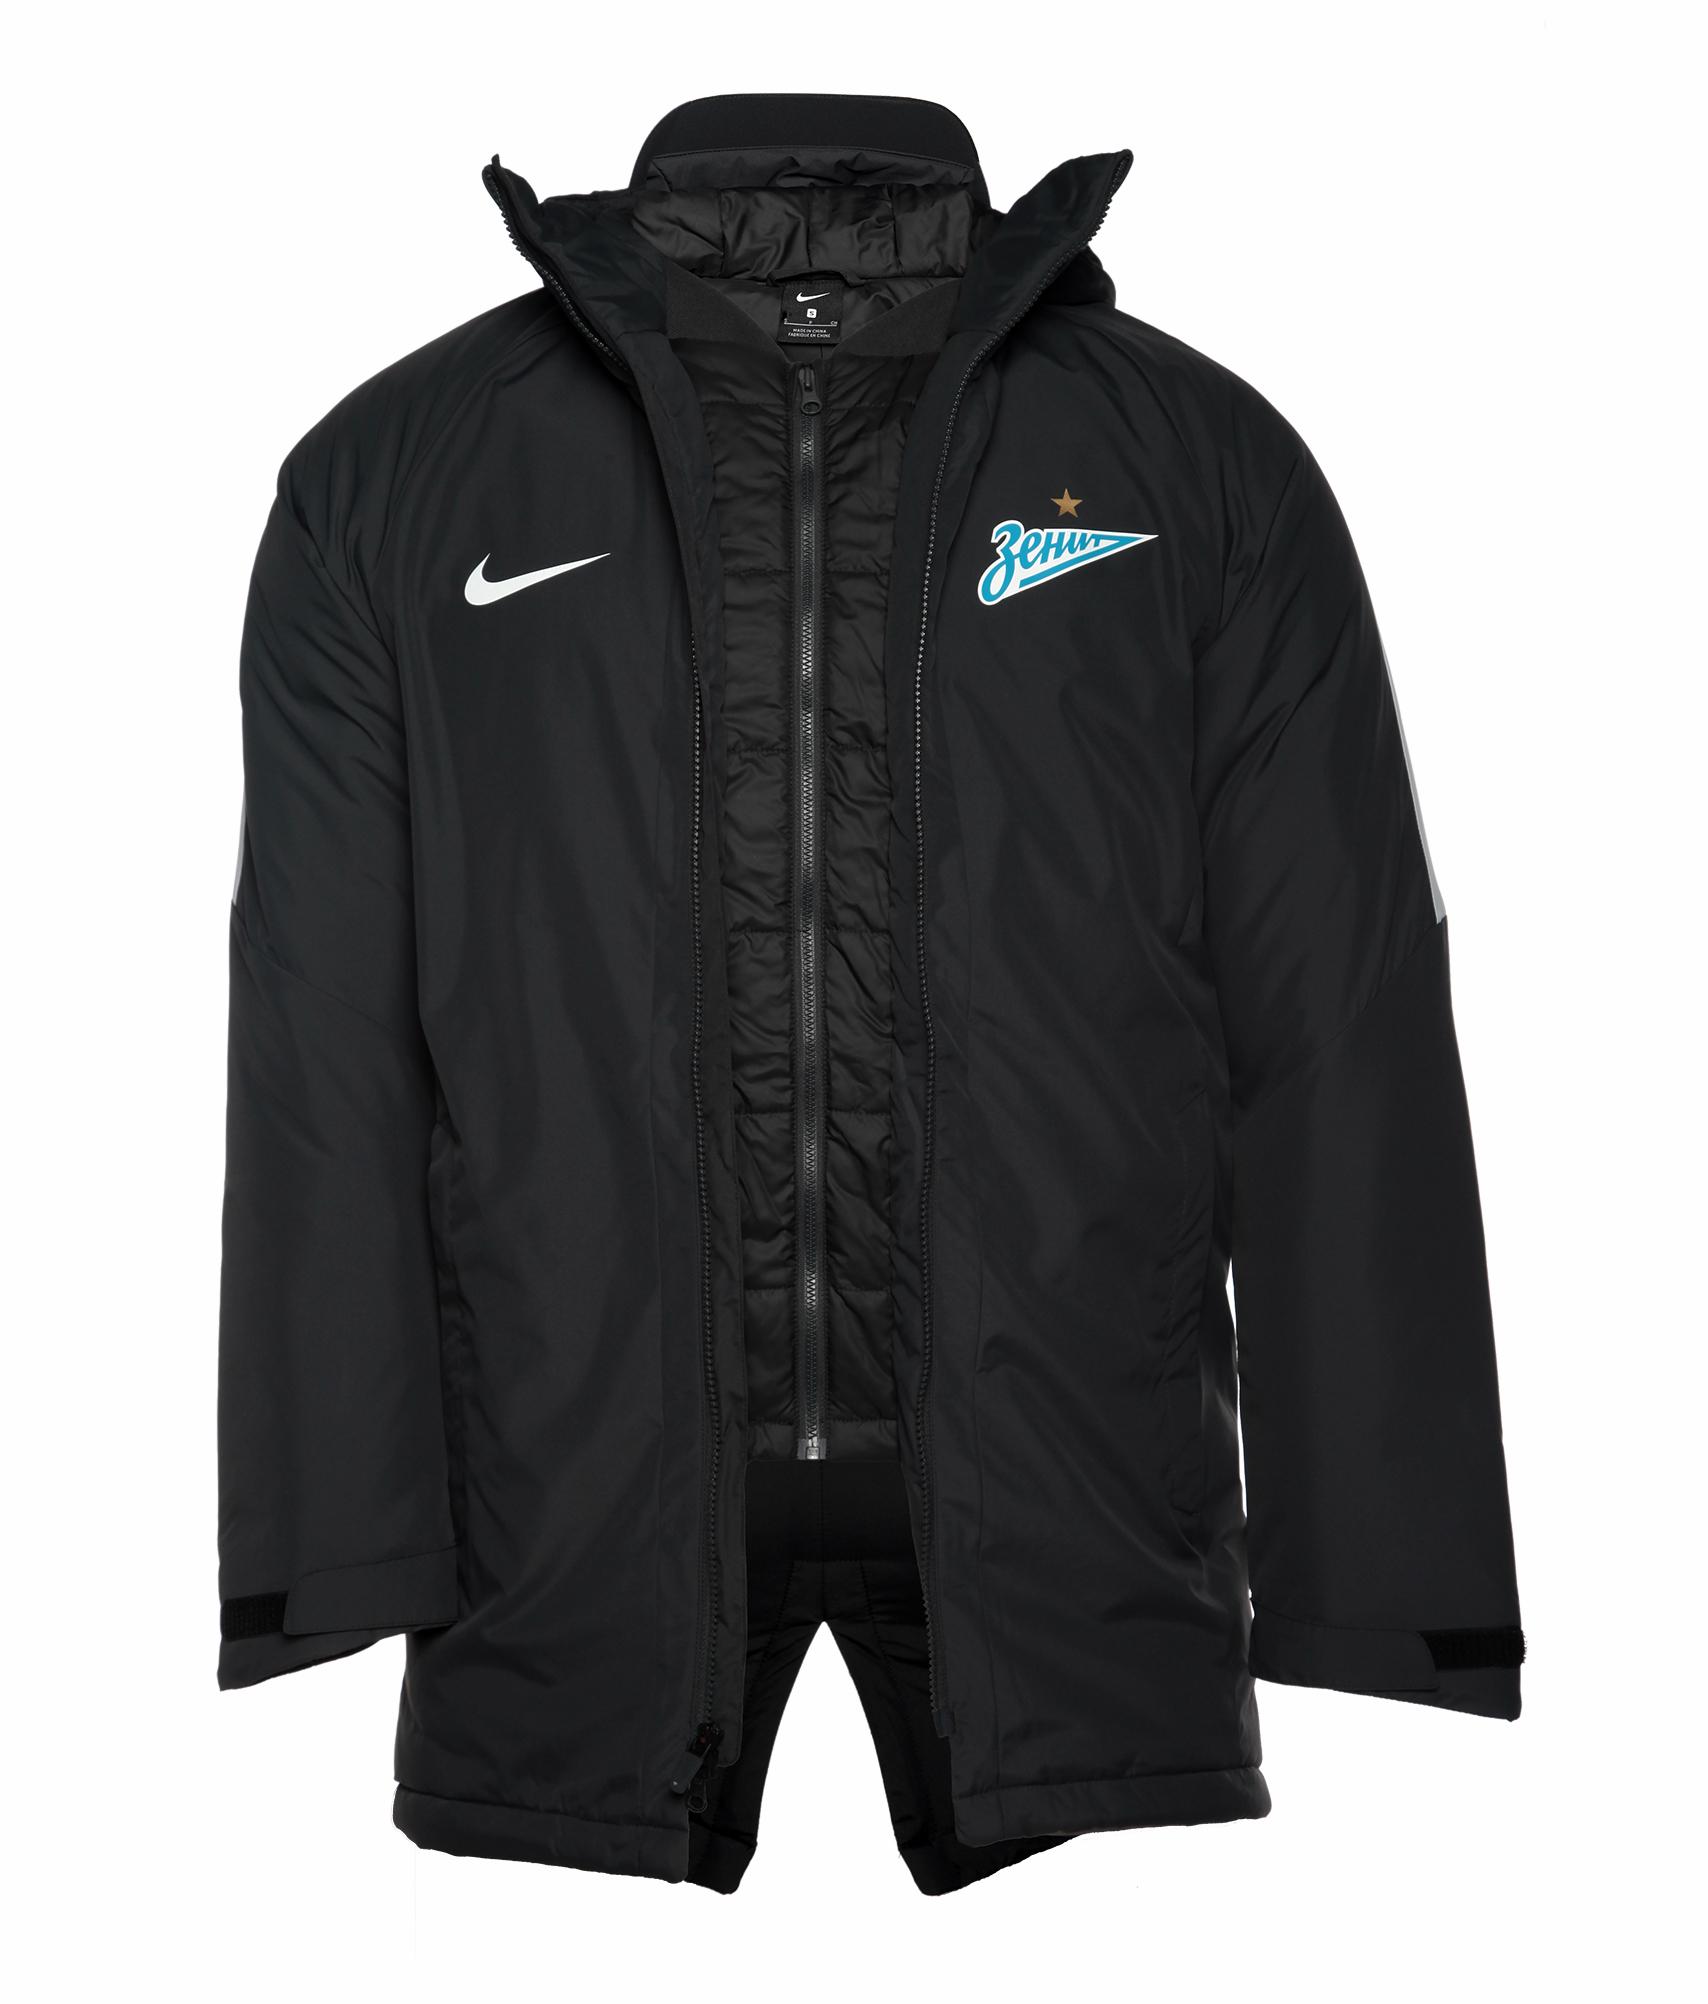 2501ff3c Мужские куртки, ветровки весенние, зимние, осенние, модные куртки в ...